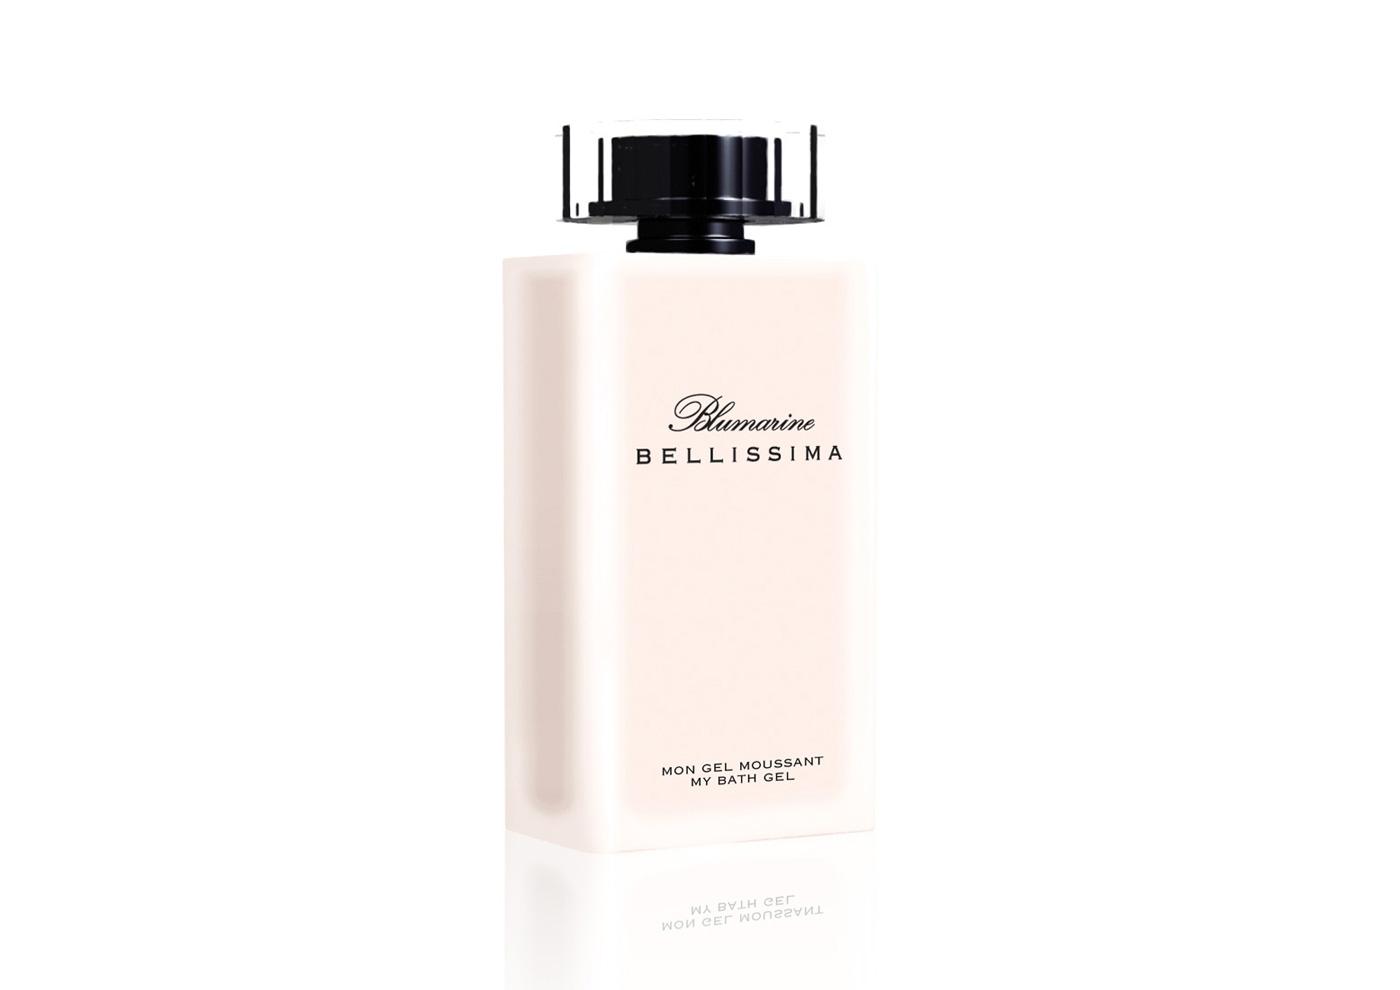 BELLISSIMA-43217